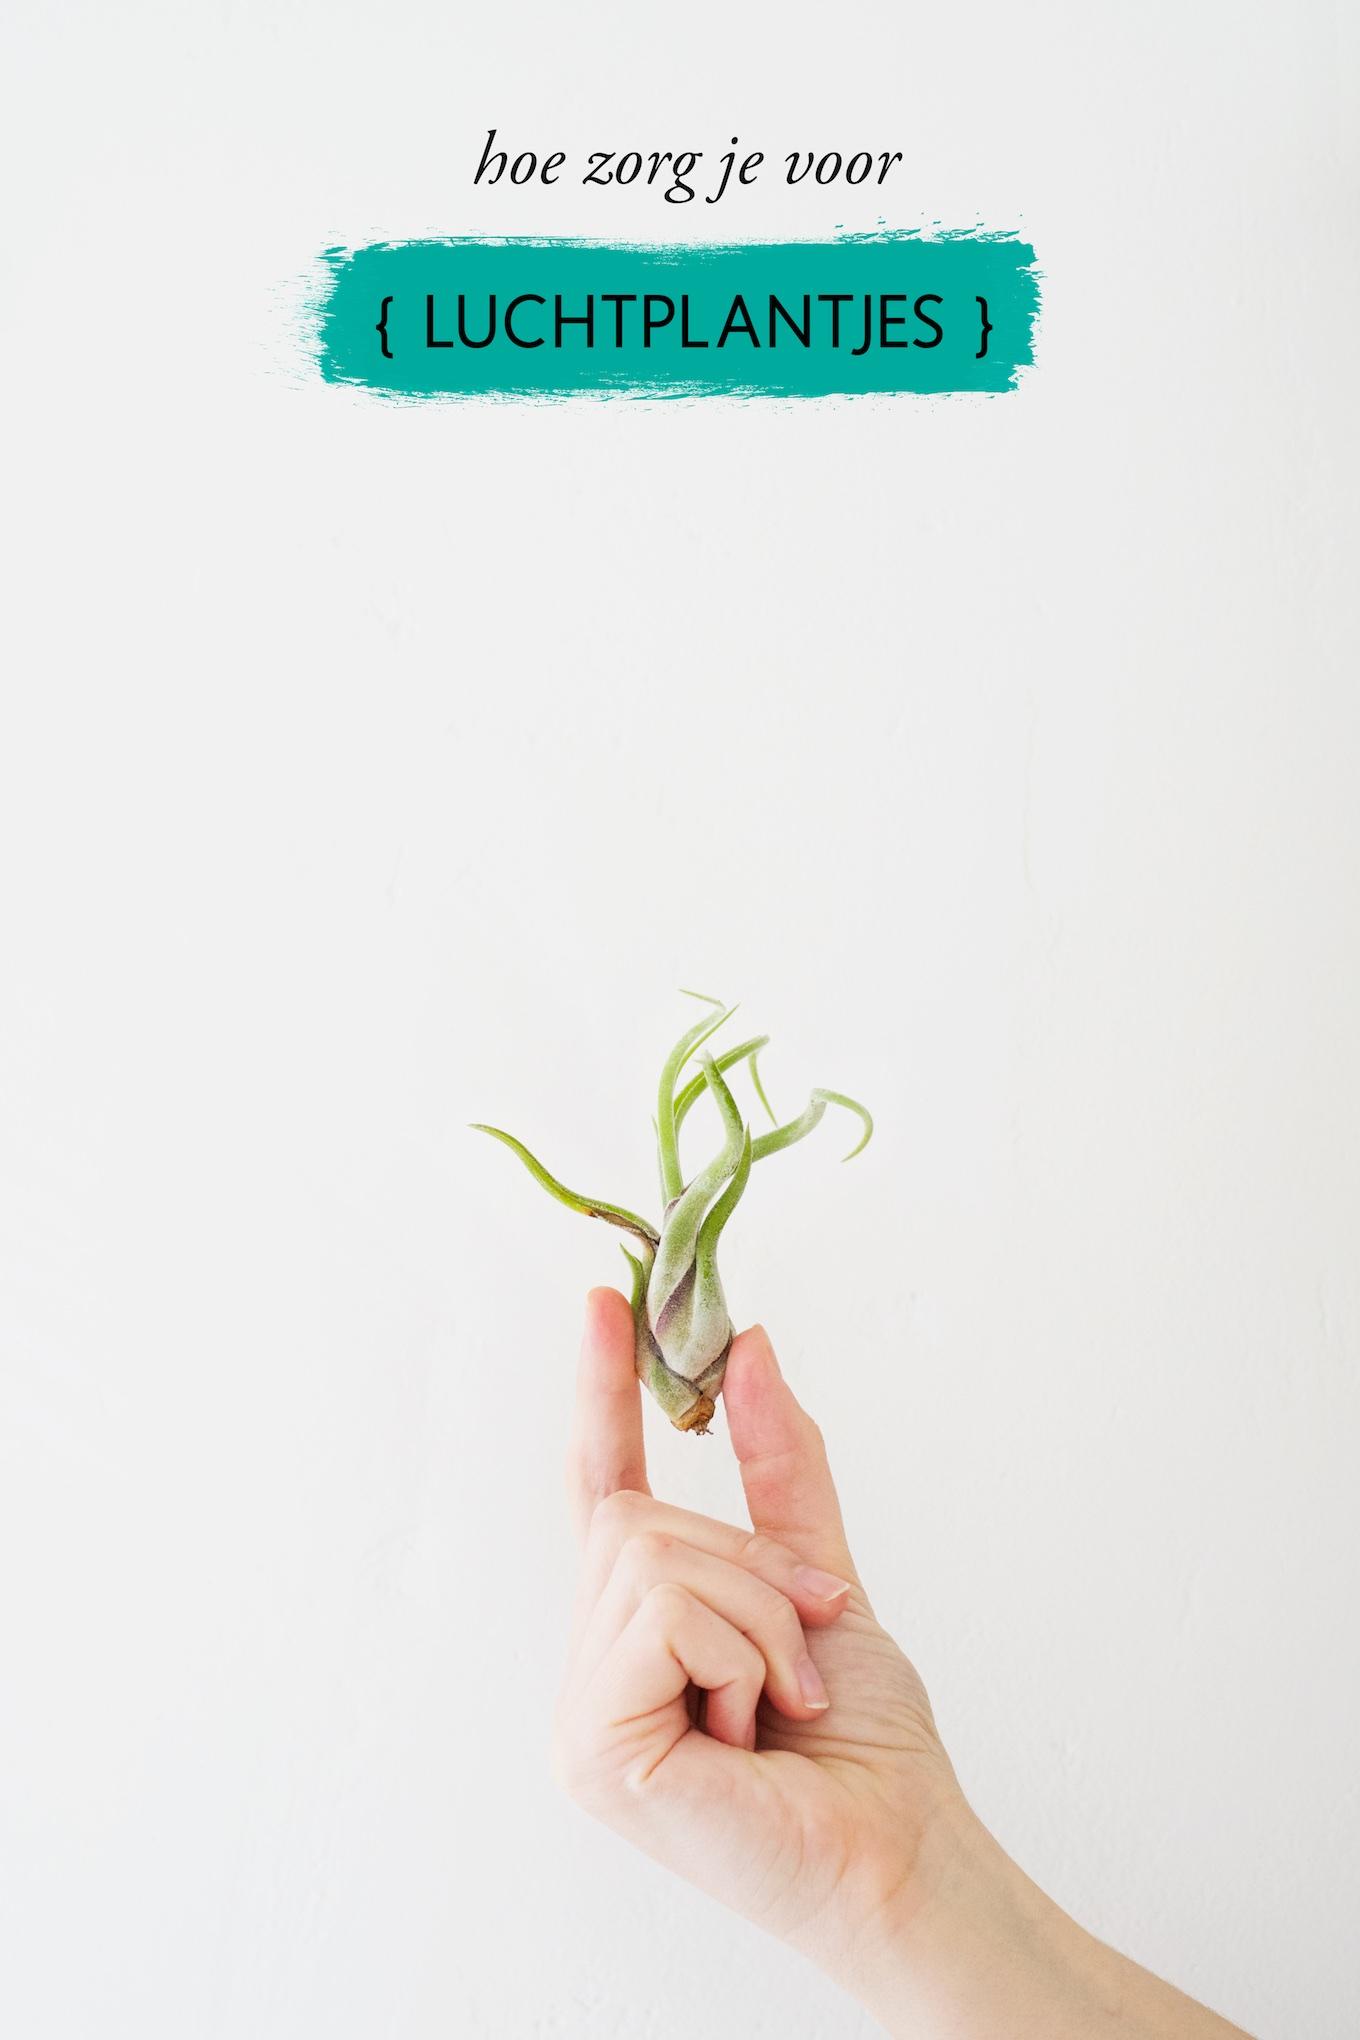 hoe zorg je voor luchtplantjes, luchtplantjes kopen